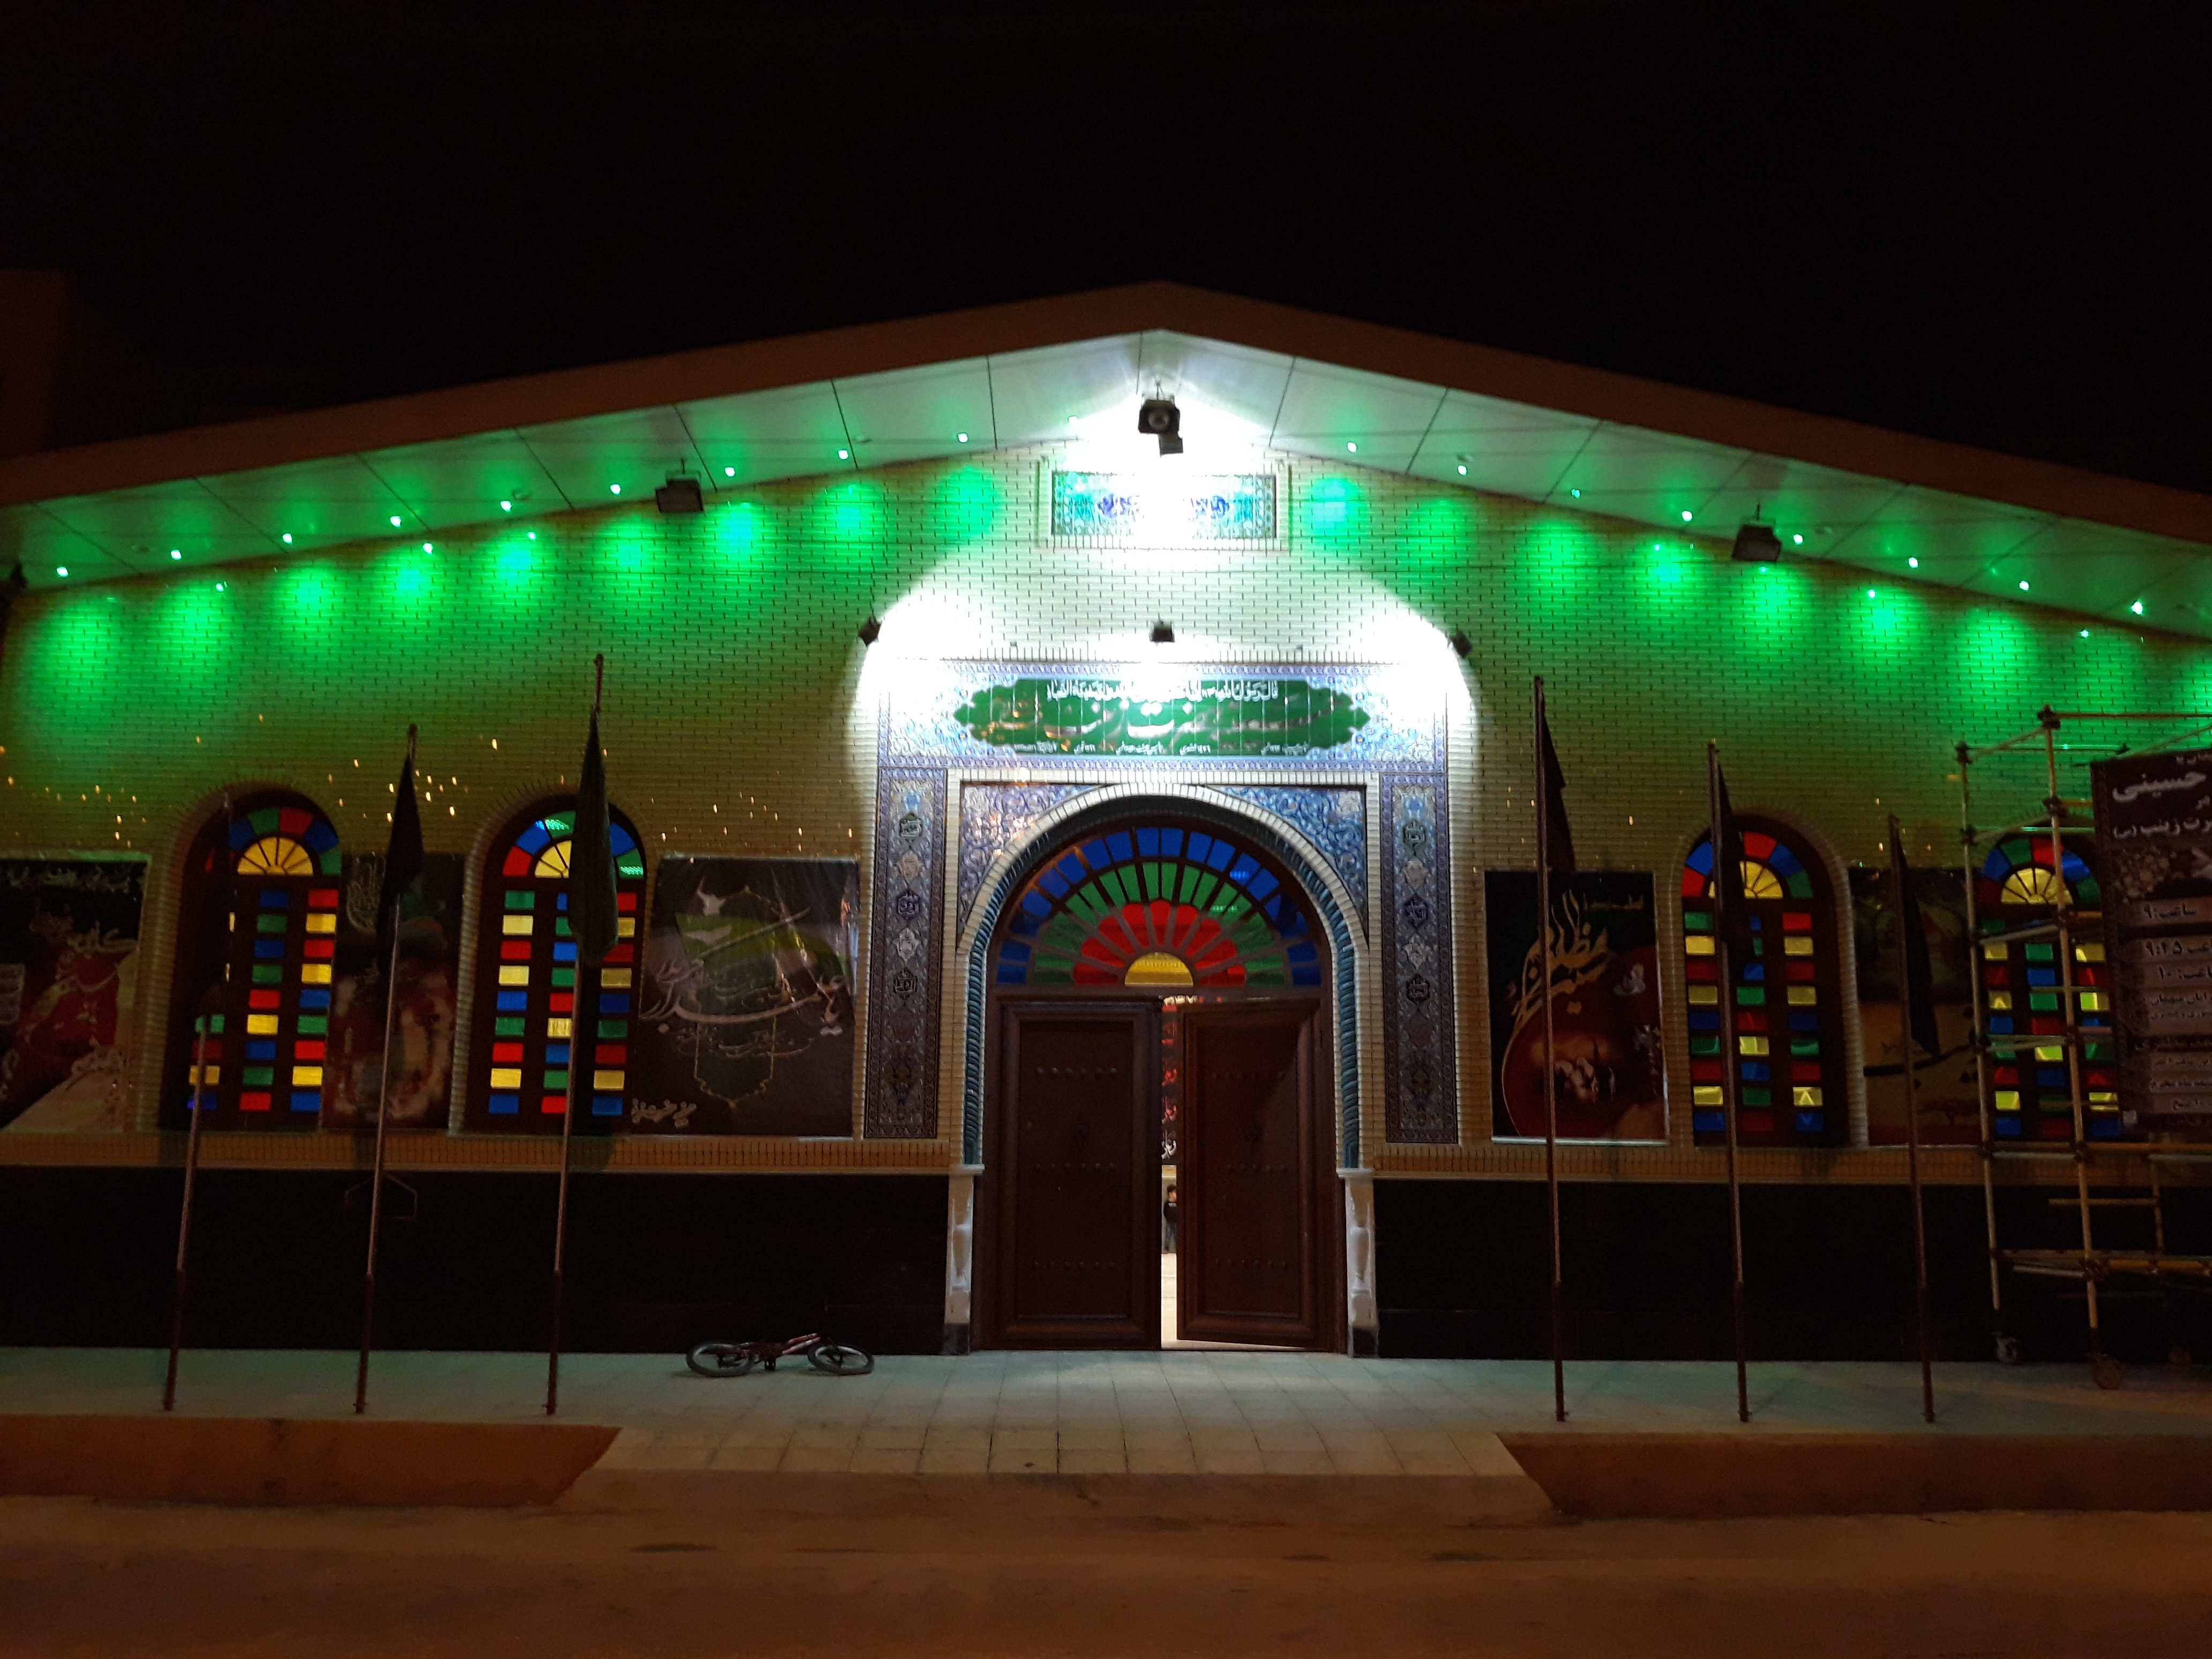 مسجدی که یک مرکز فرهنگی است/ محلی برای گذران کودکی تا پیری